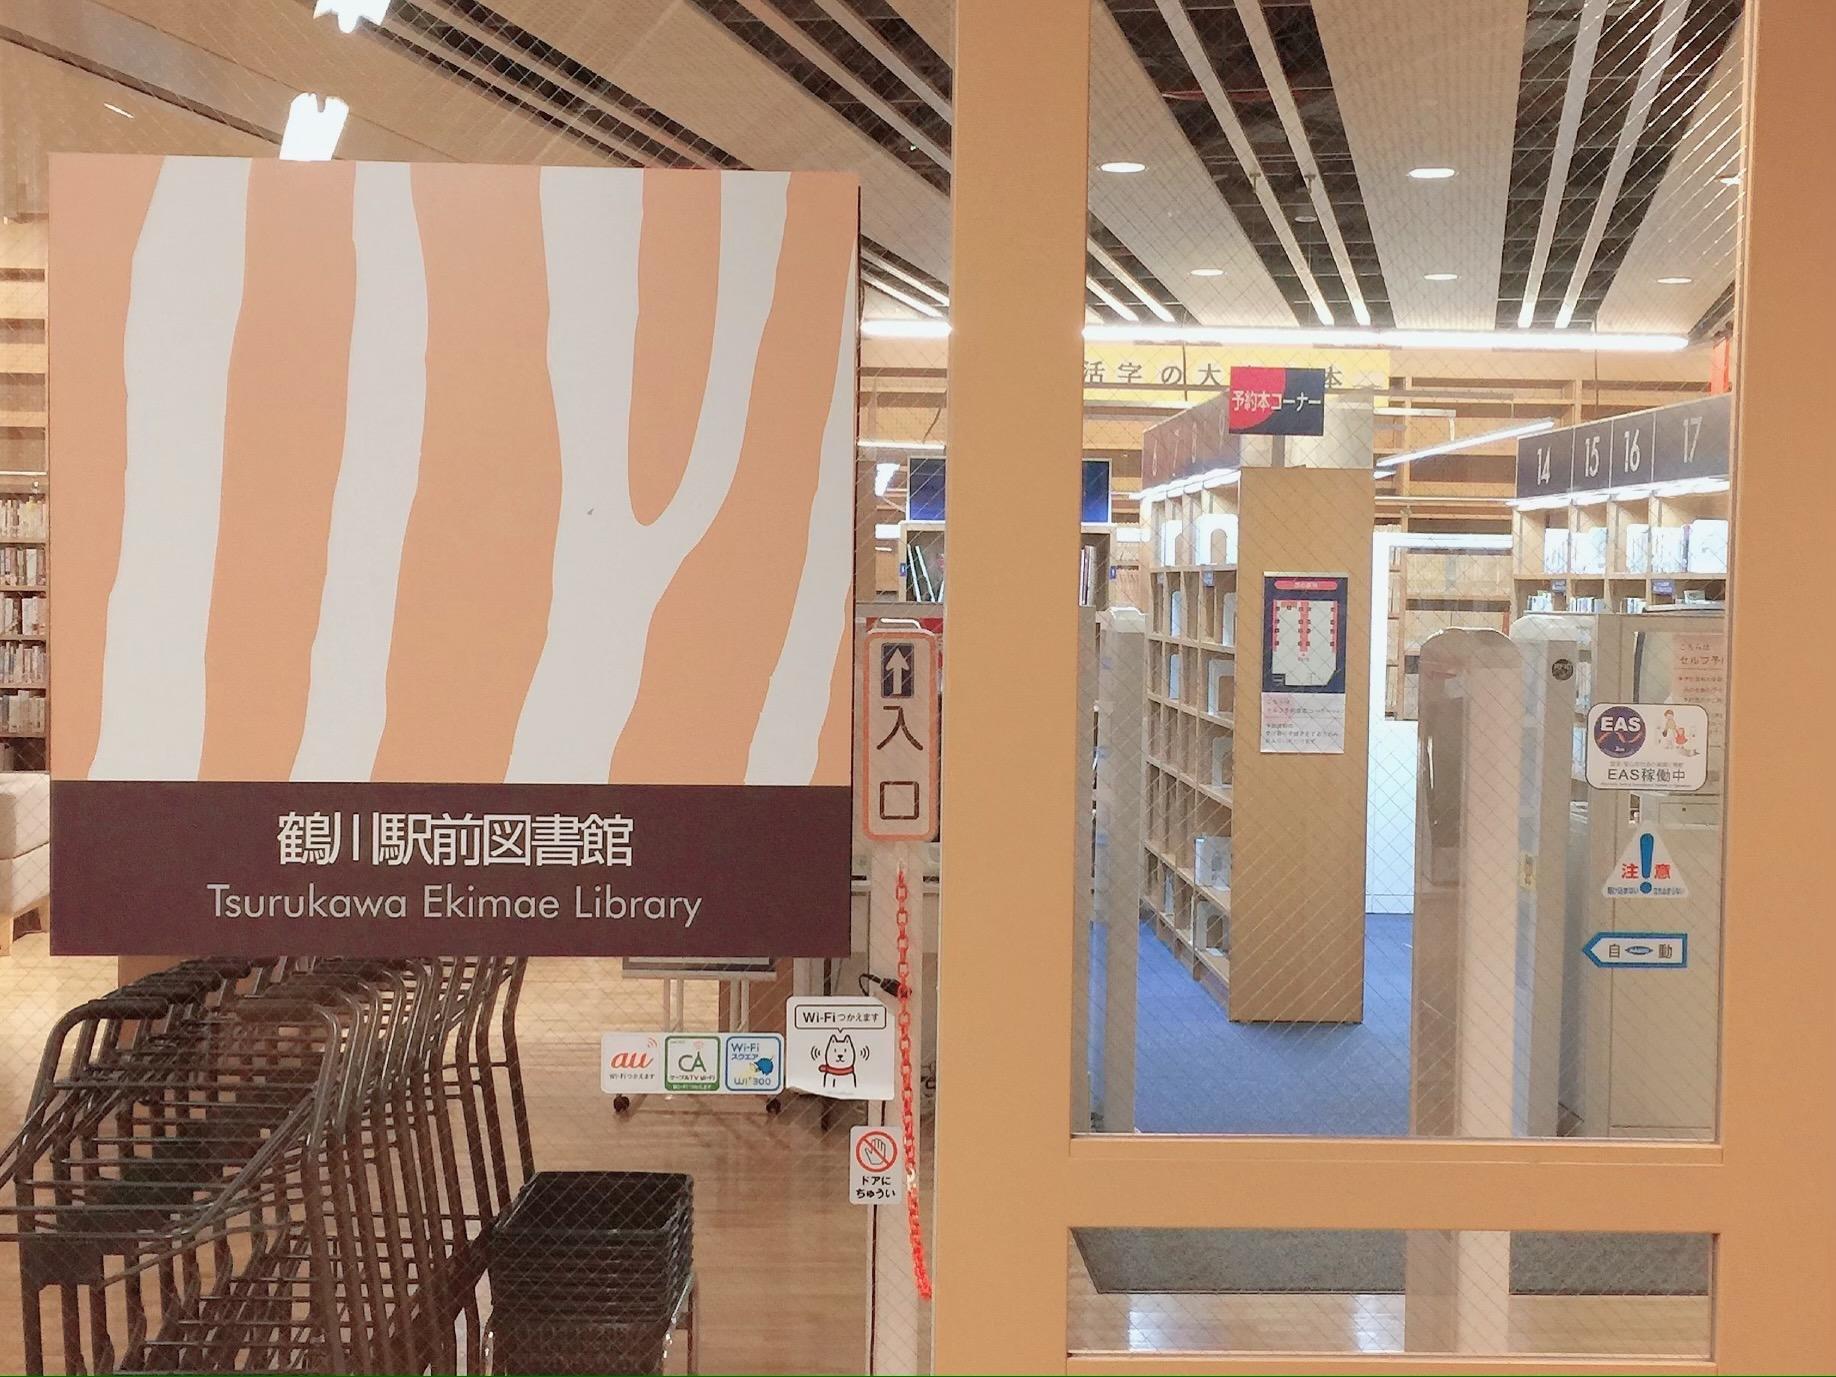 ログイン 図書館 堺 市立